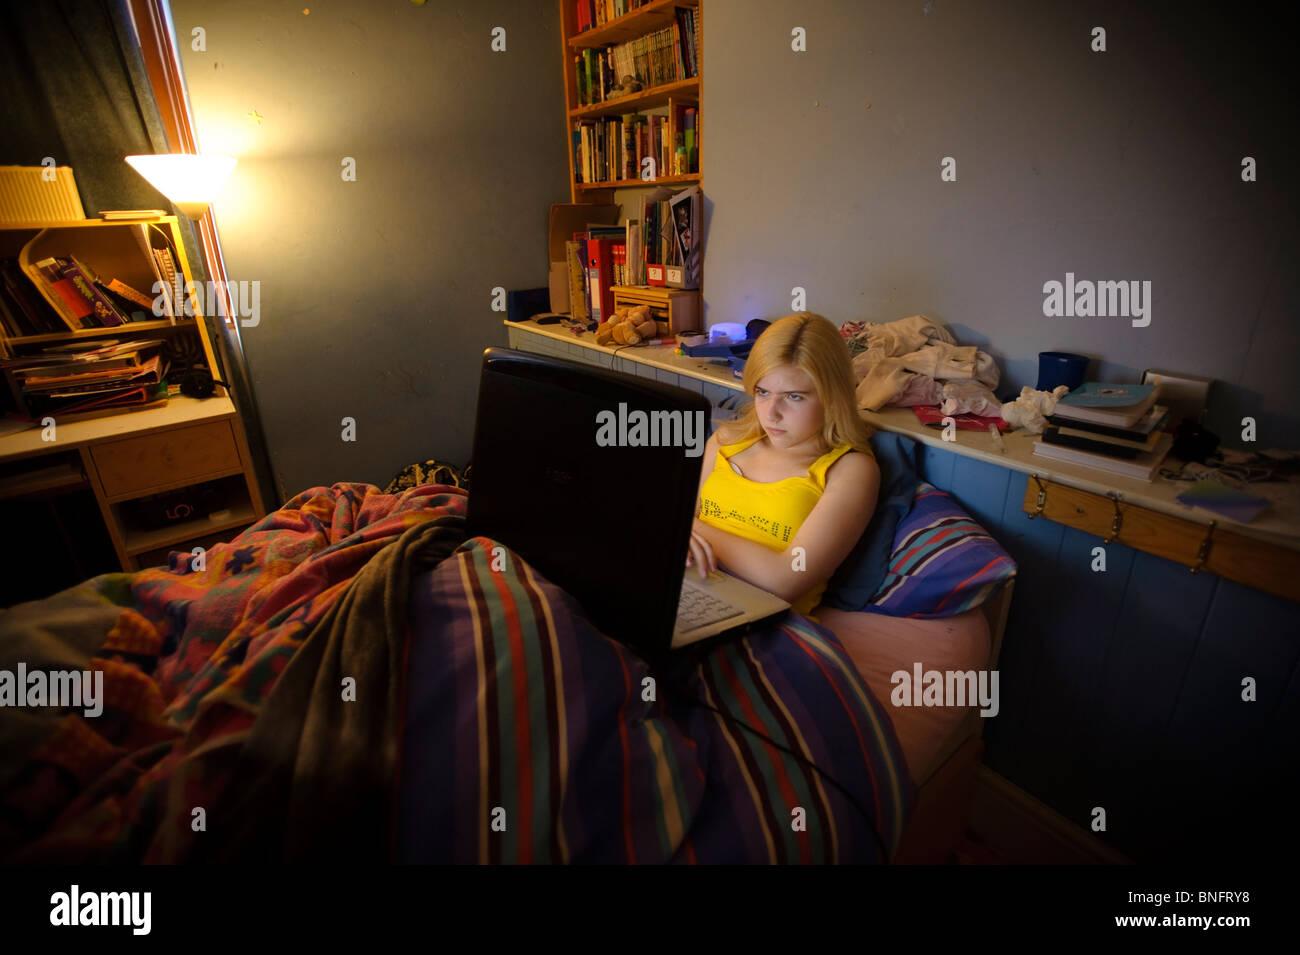 Une adolescente de 15 ans à l'aide de son ordinateur portable pour discuter avec ses amis Facebook en ligne Photo Stock